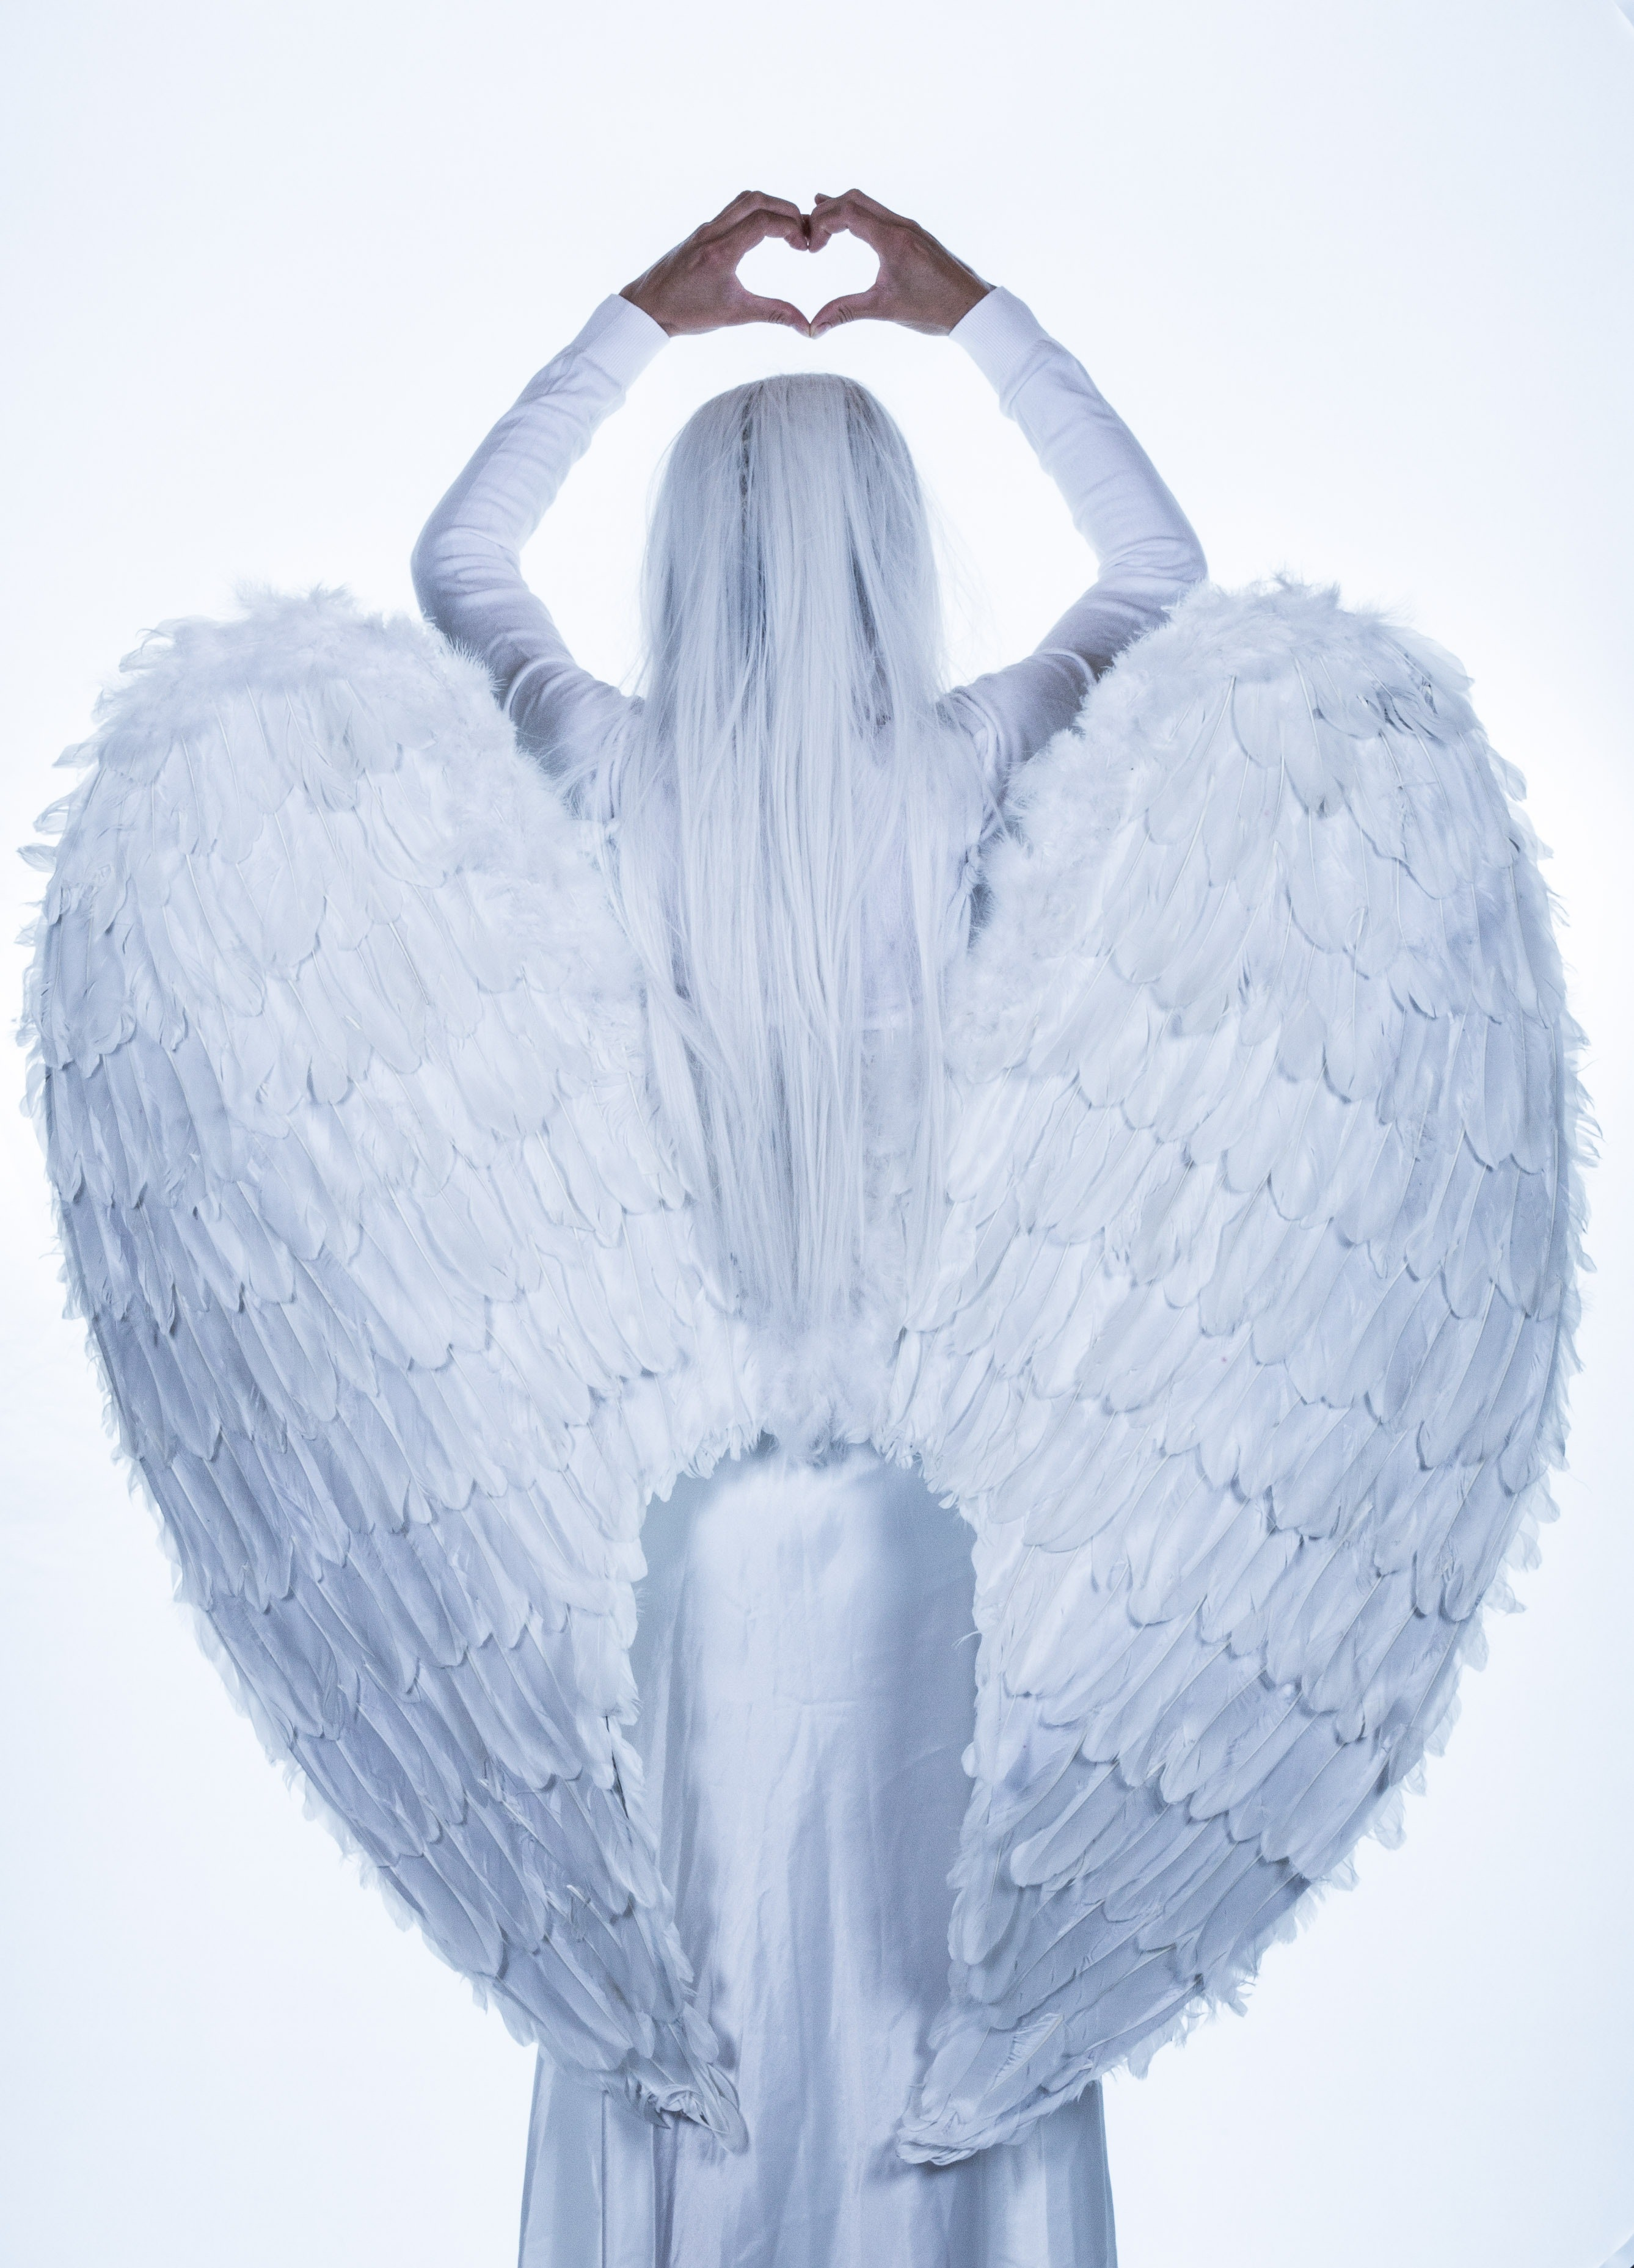 White angel illustration photo